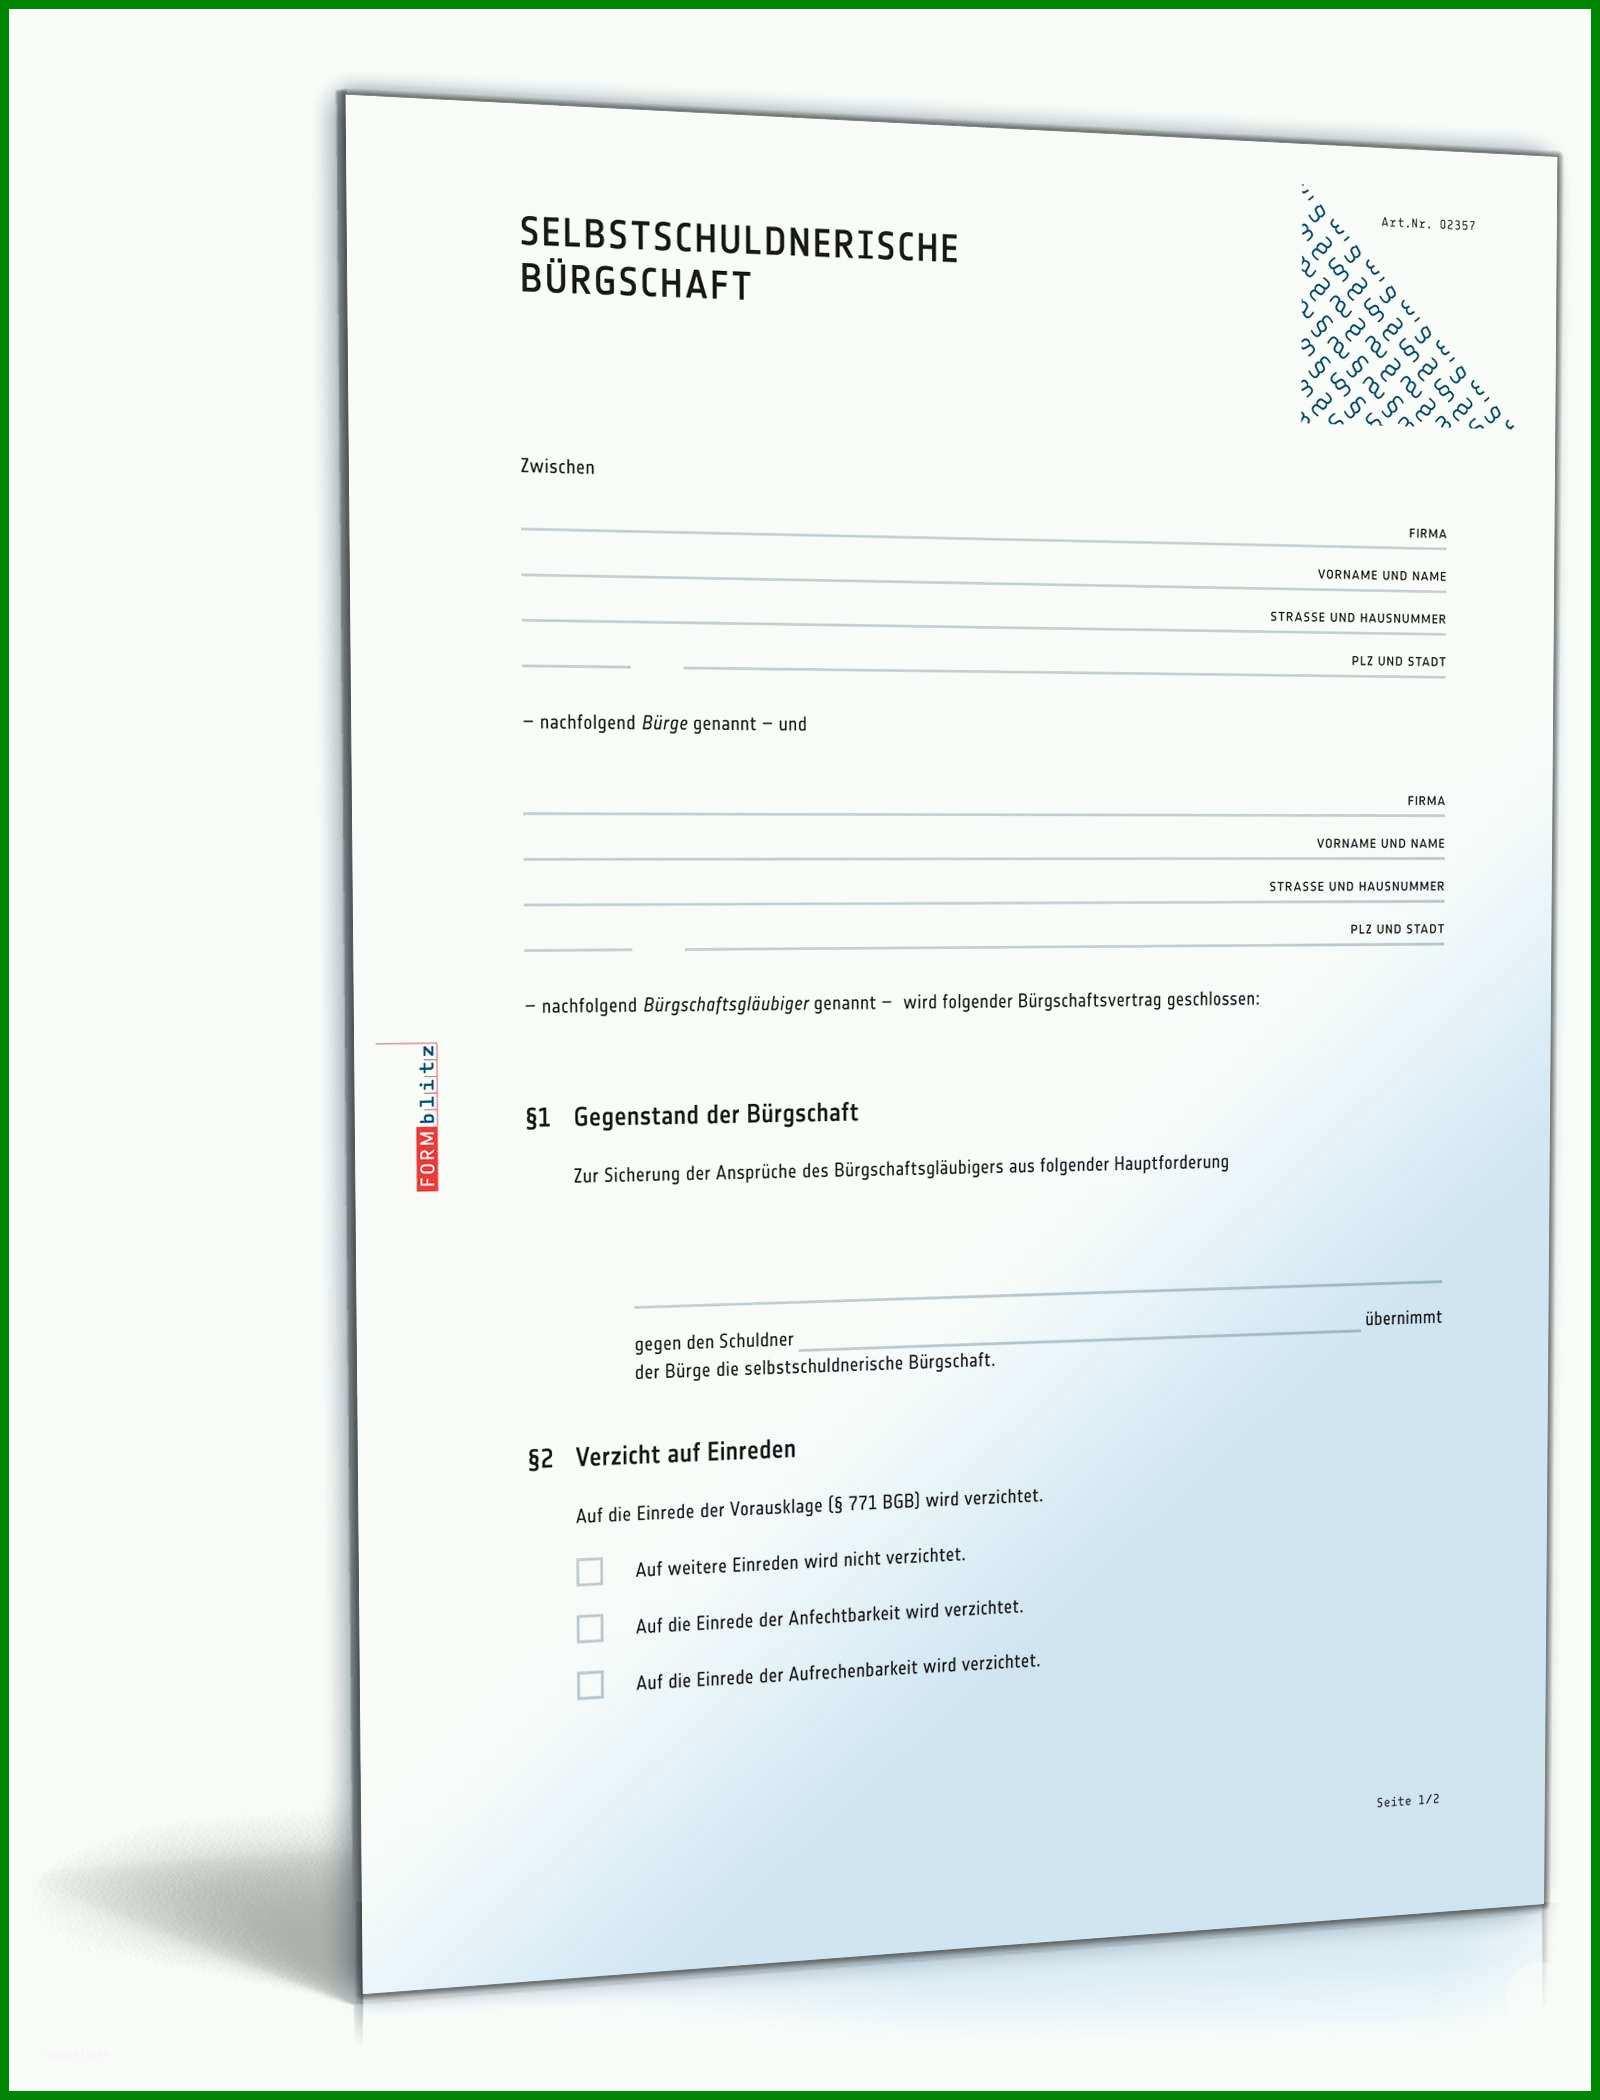 Allerbeste Mietbuergschaft Eltern Vorlage Kostenlos 157327